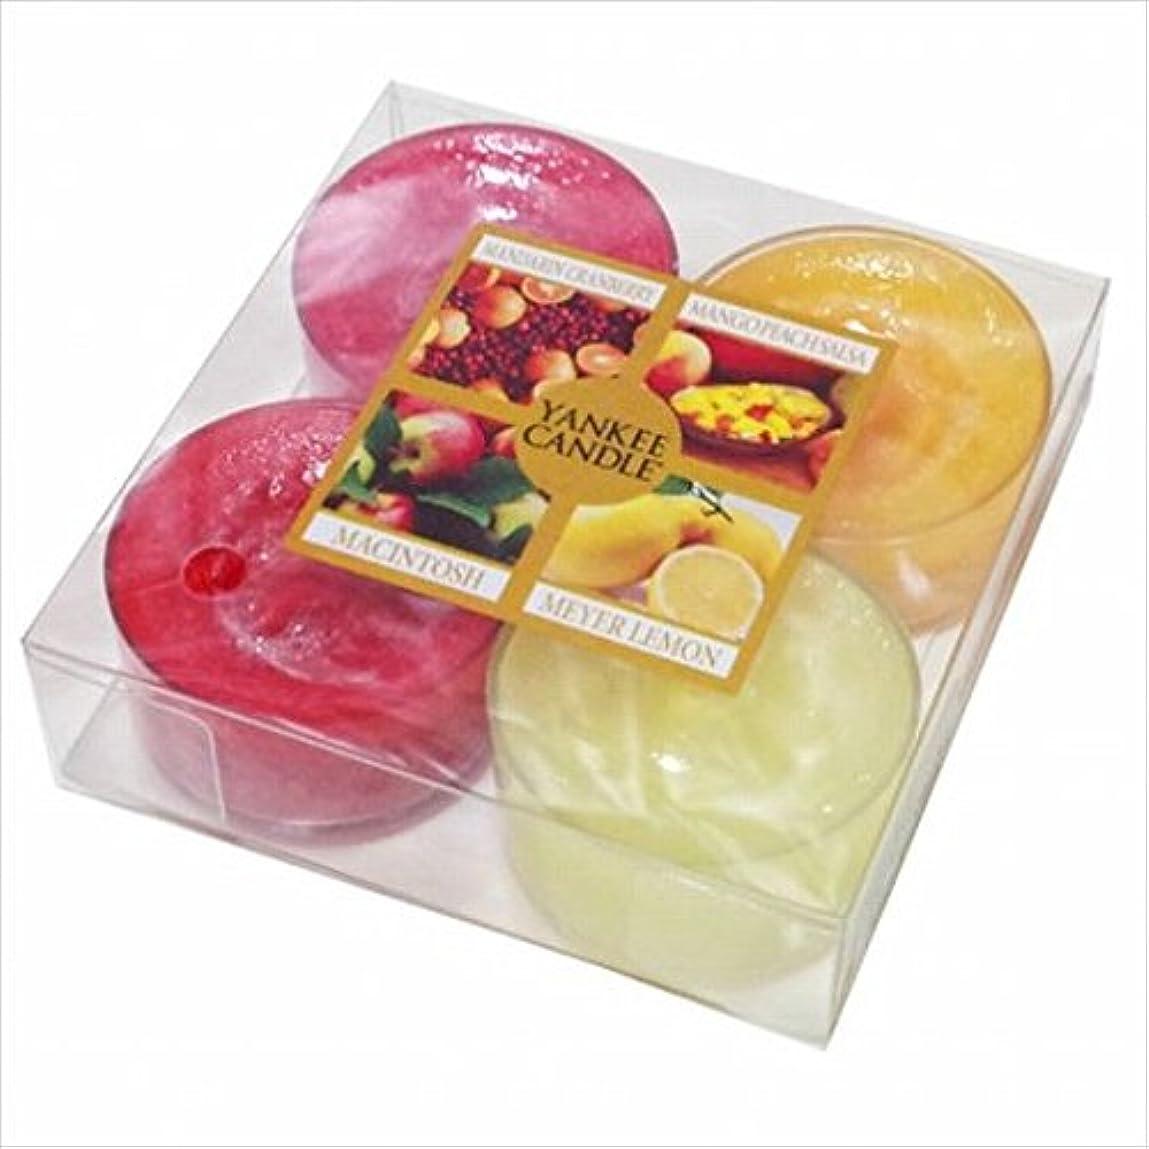 ストレスの多い設置オズワルドカメヤマキャンドル(kameyama candle) YANKEE CANDLE クリアカップティーライト4個入り アソート 「 フルーツ 」